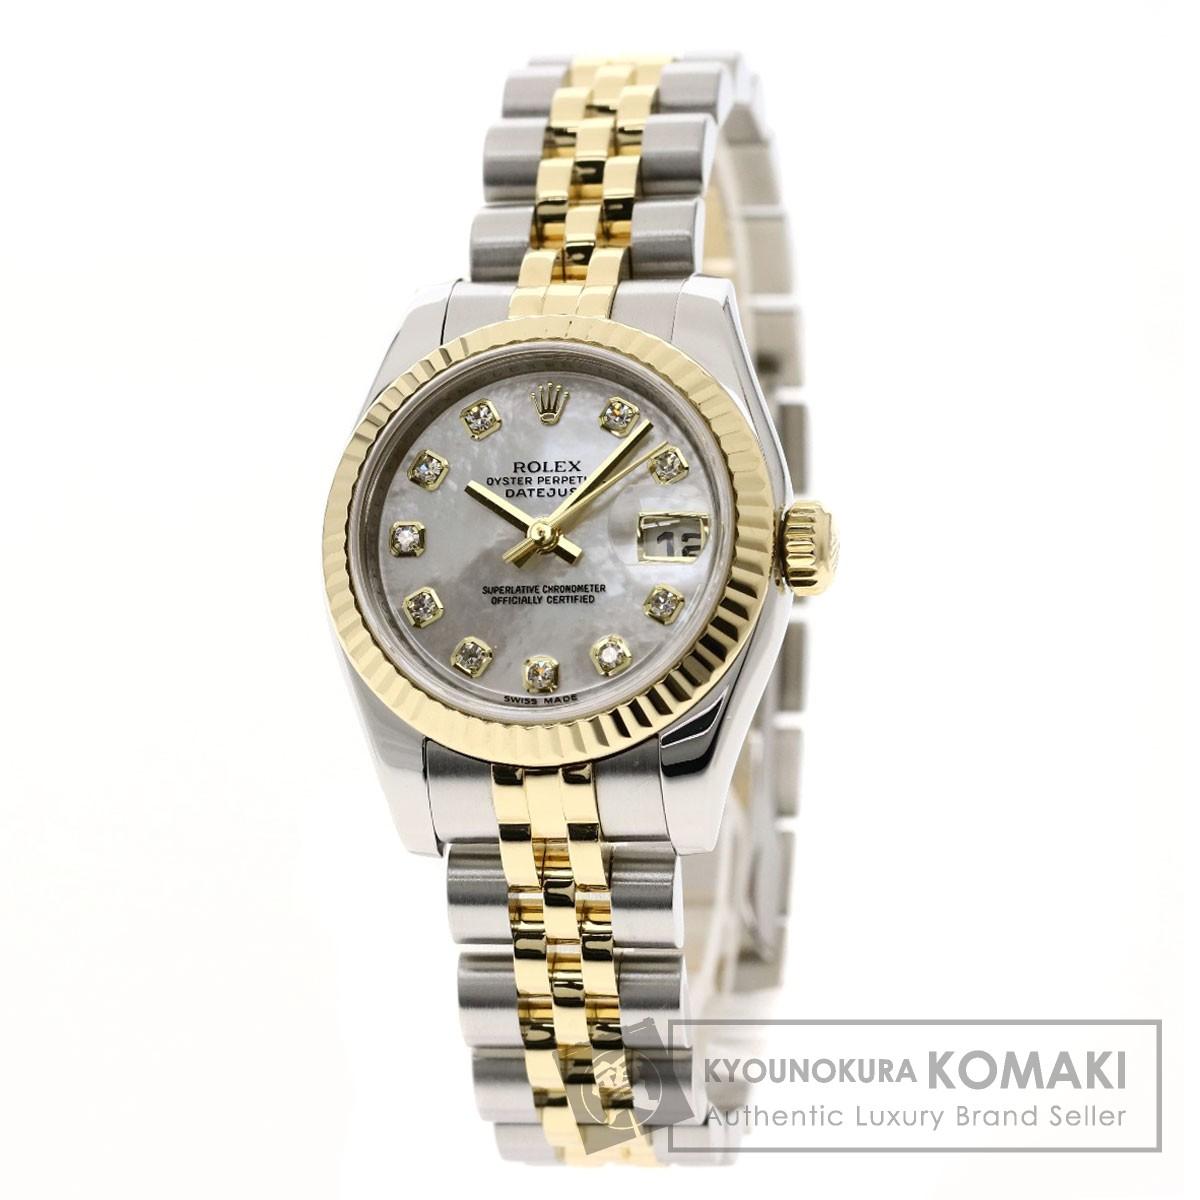 ロレックス 179173NG デイトジャスト 腕時計 OH済 ステンレススチール/K18YGxSS レディース 【中古】【ROLEX】